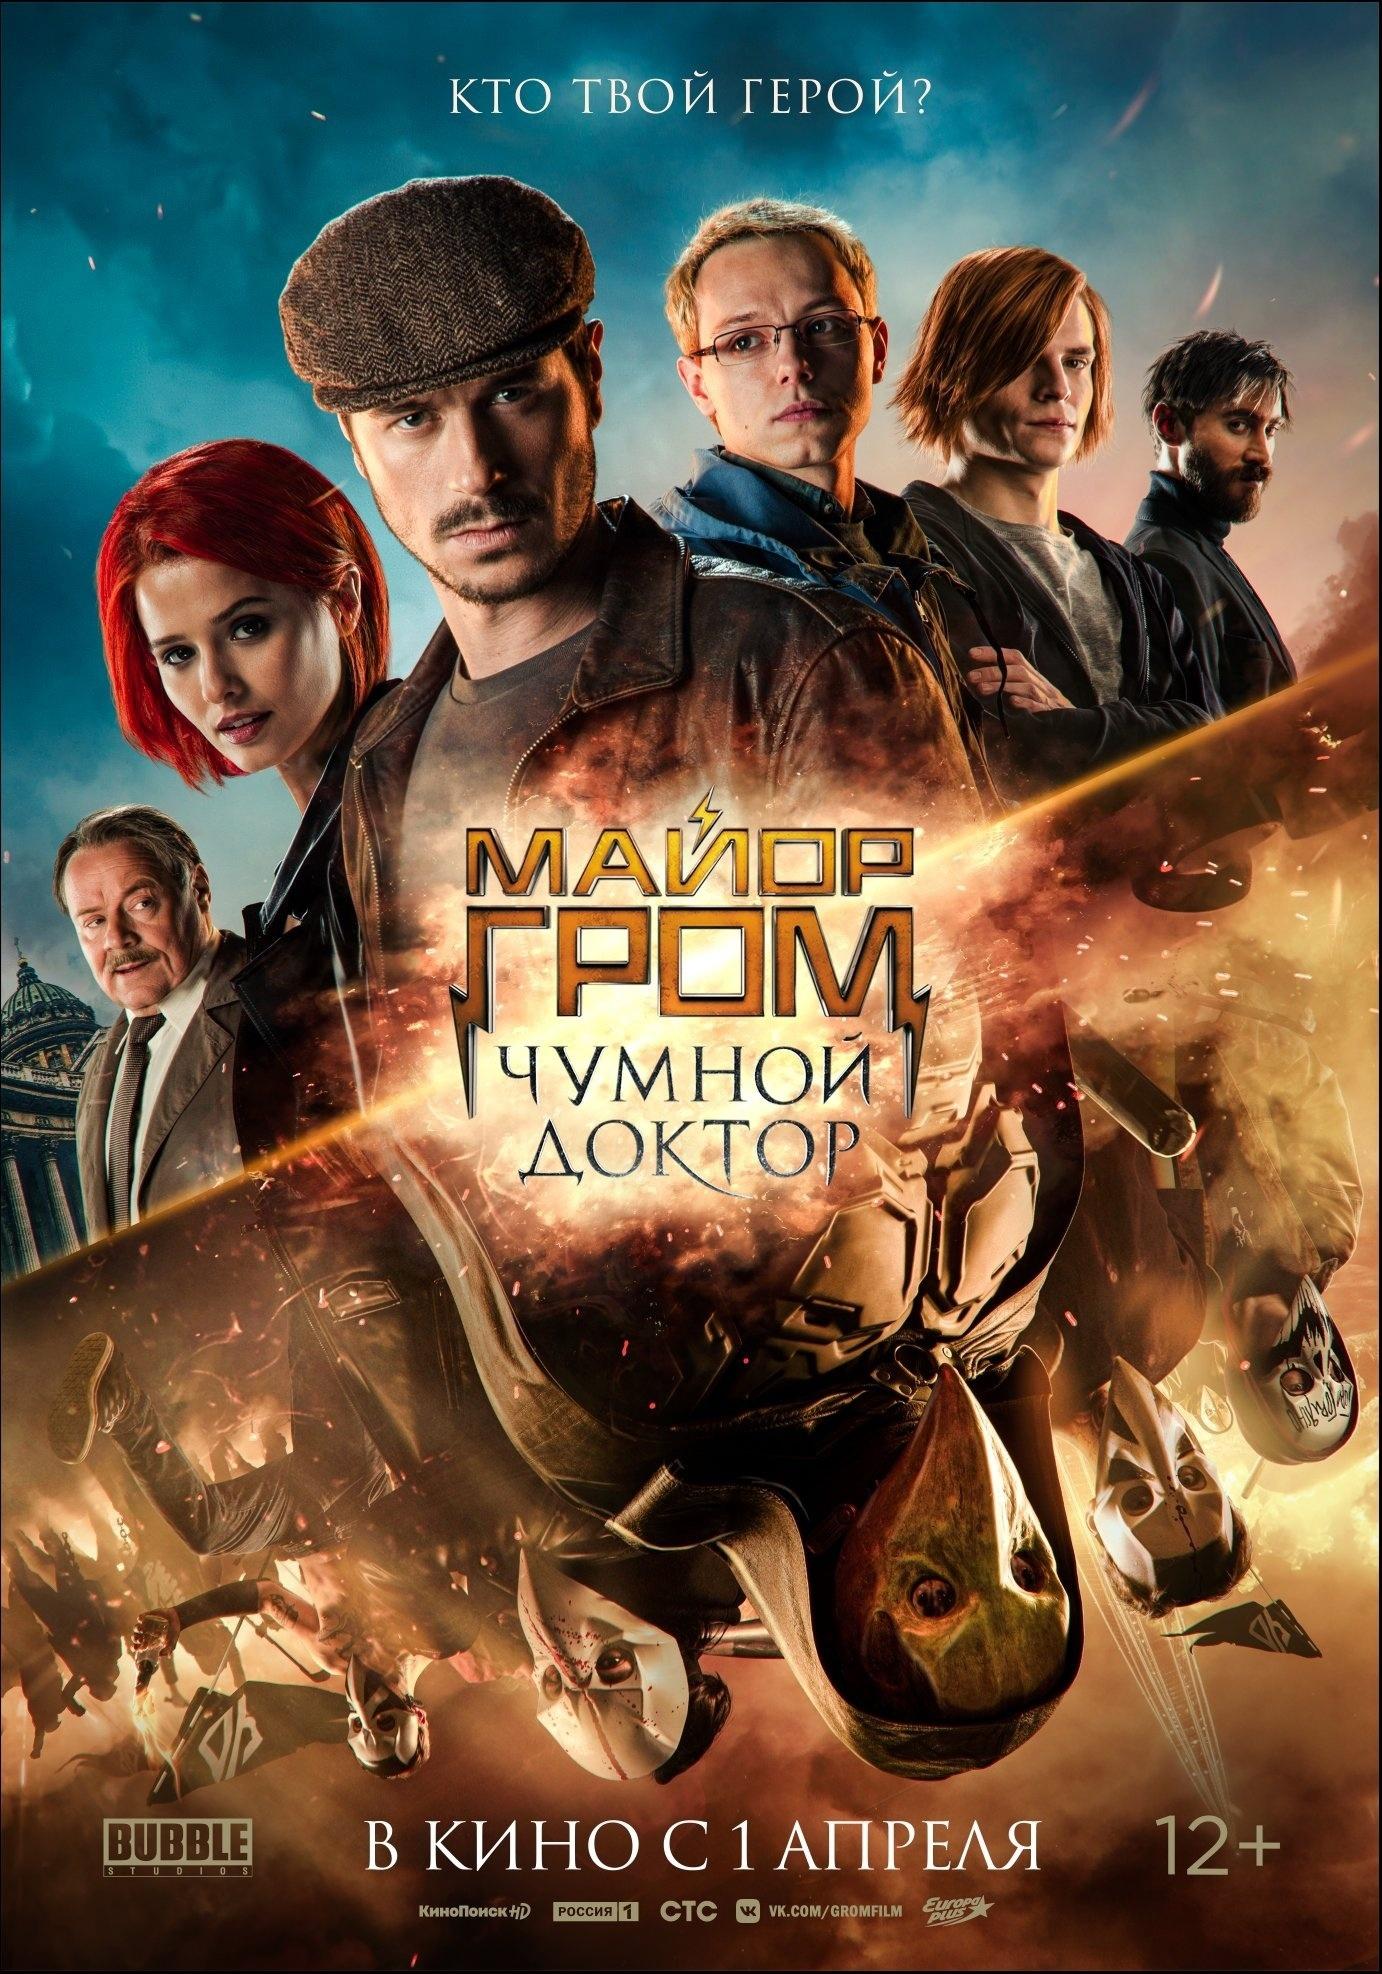 «Майор Гром: Чумной Доктор» – огненный успех или одна большая калька с Marvel? (Краткая рецензия без спойлеров)